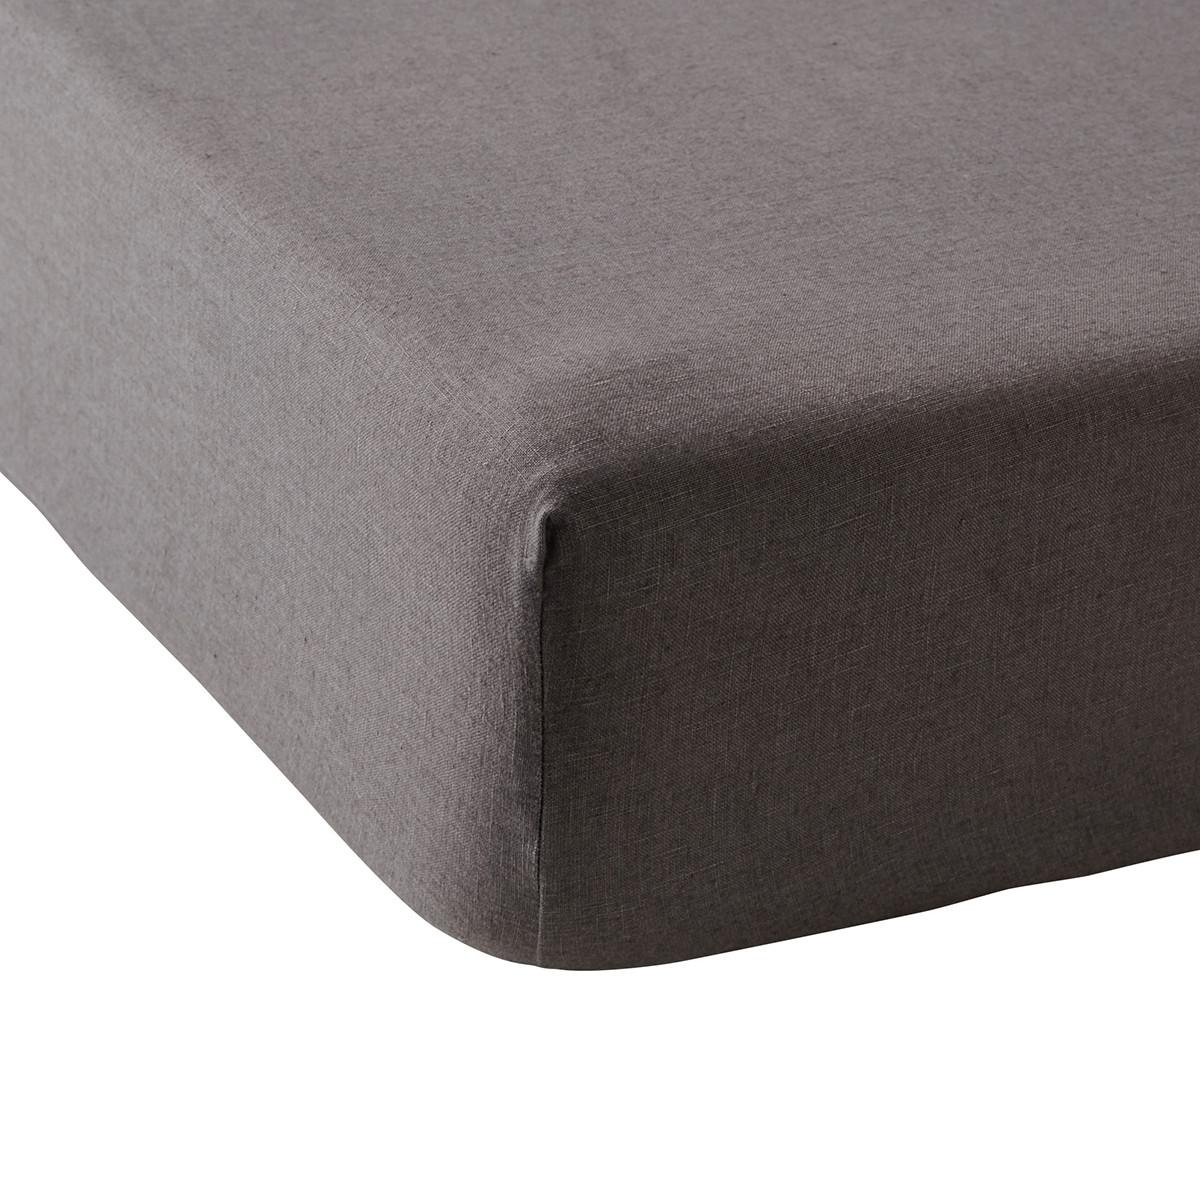 Drap housse lin 140x190 cm graphite